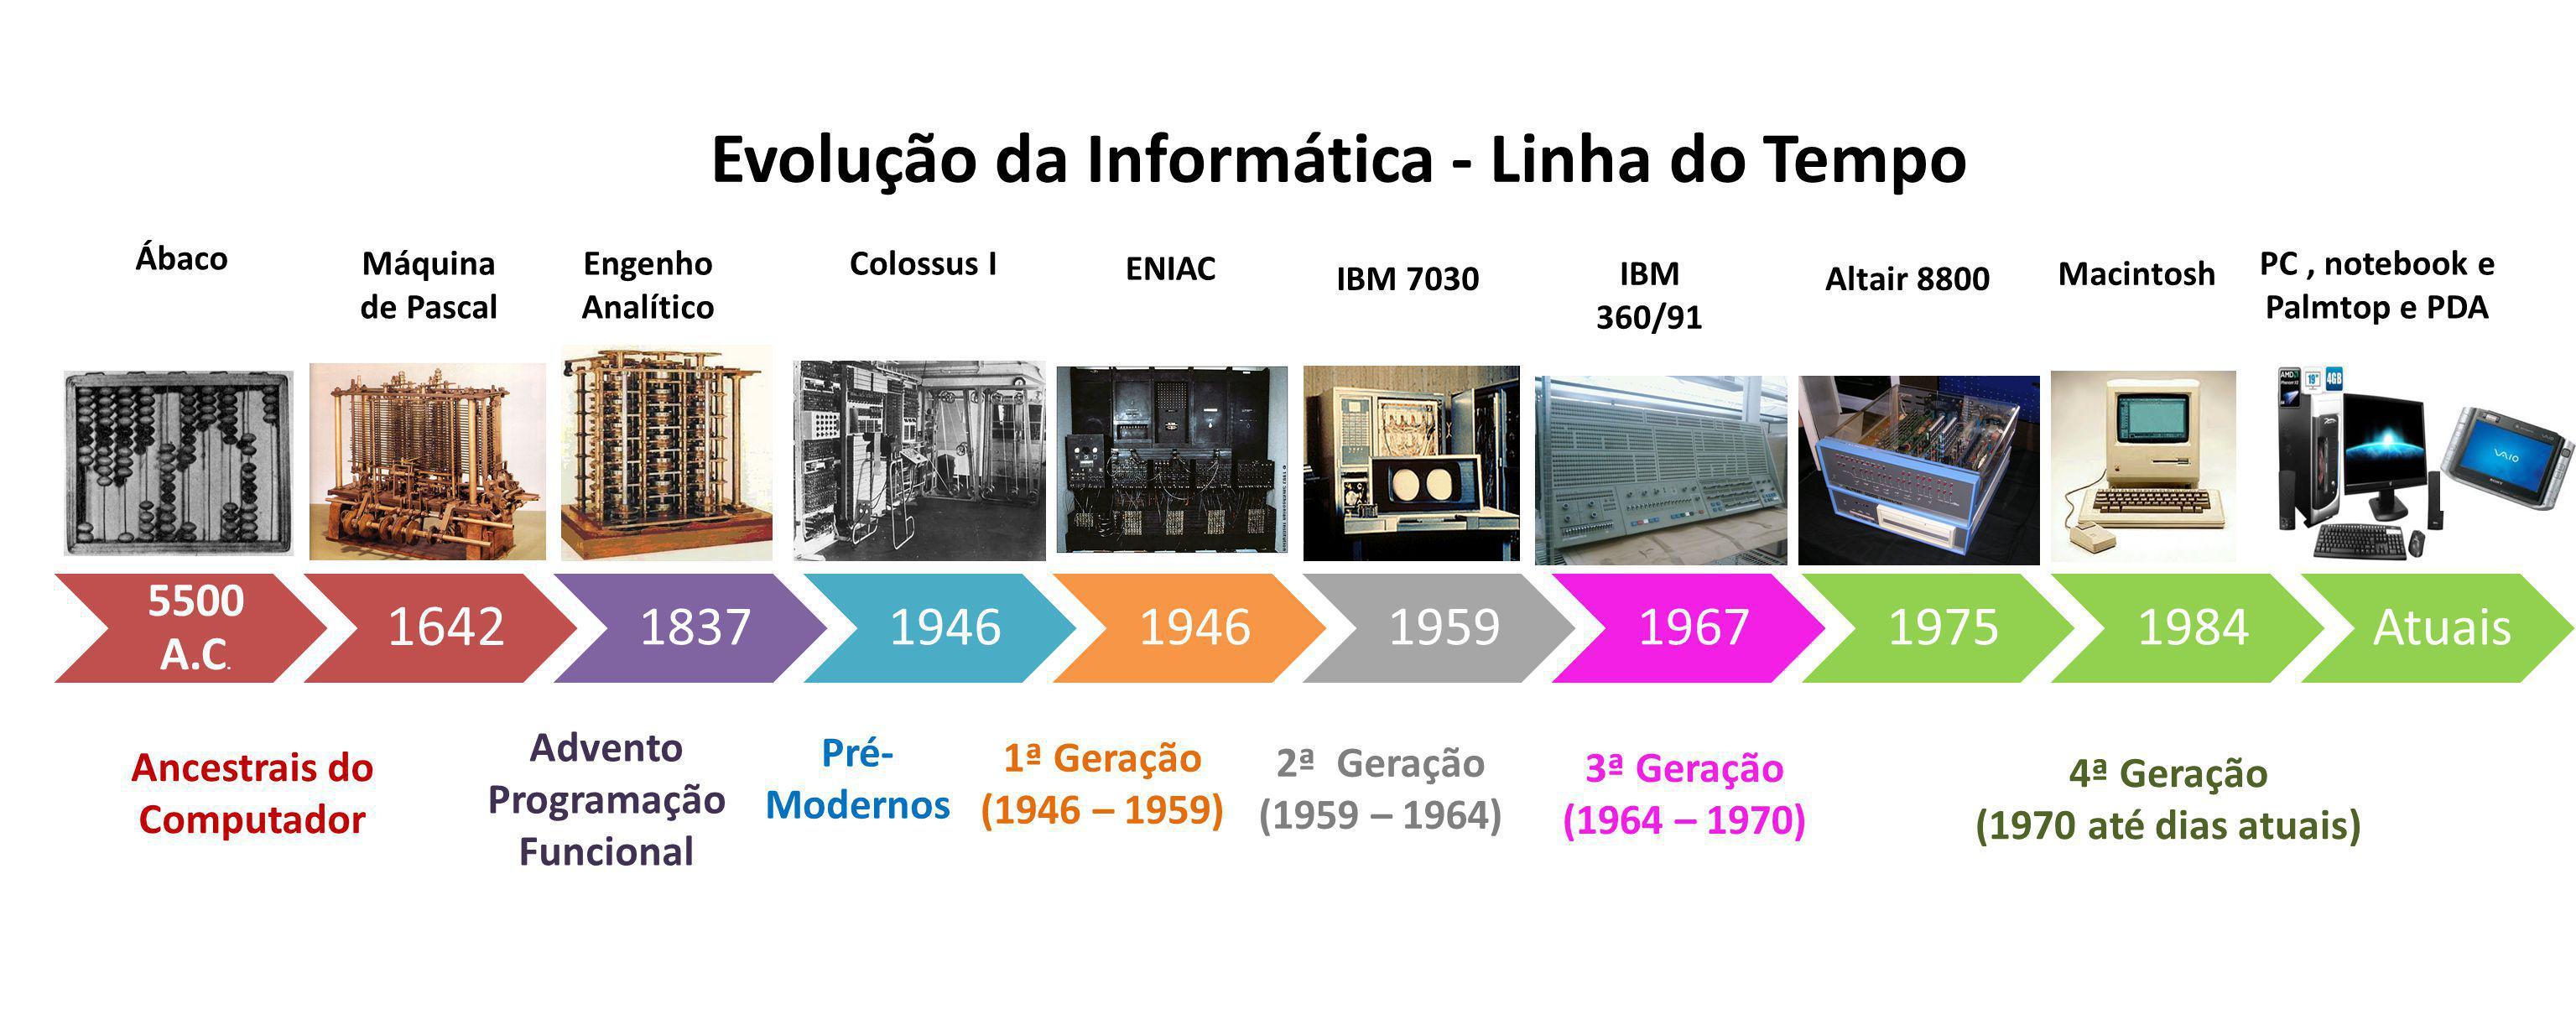 Evolução da Informática - Linha do Tempo